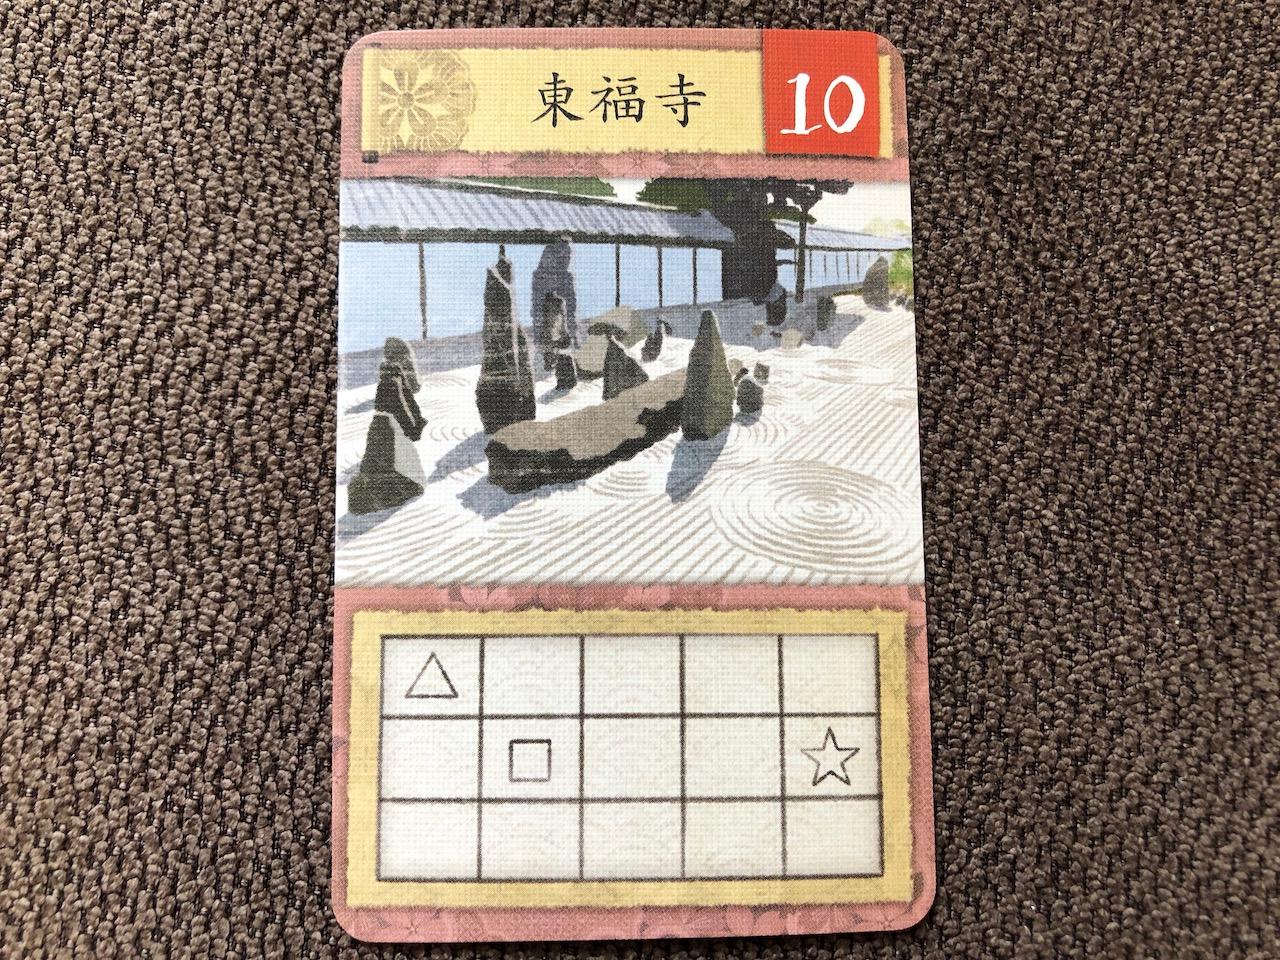 「東福寺」の名庭園カード(10点)